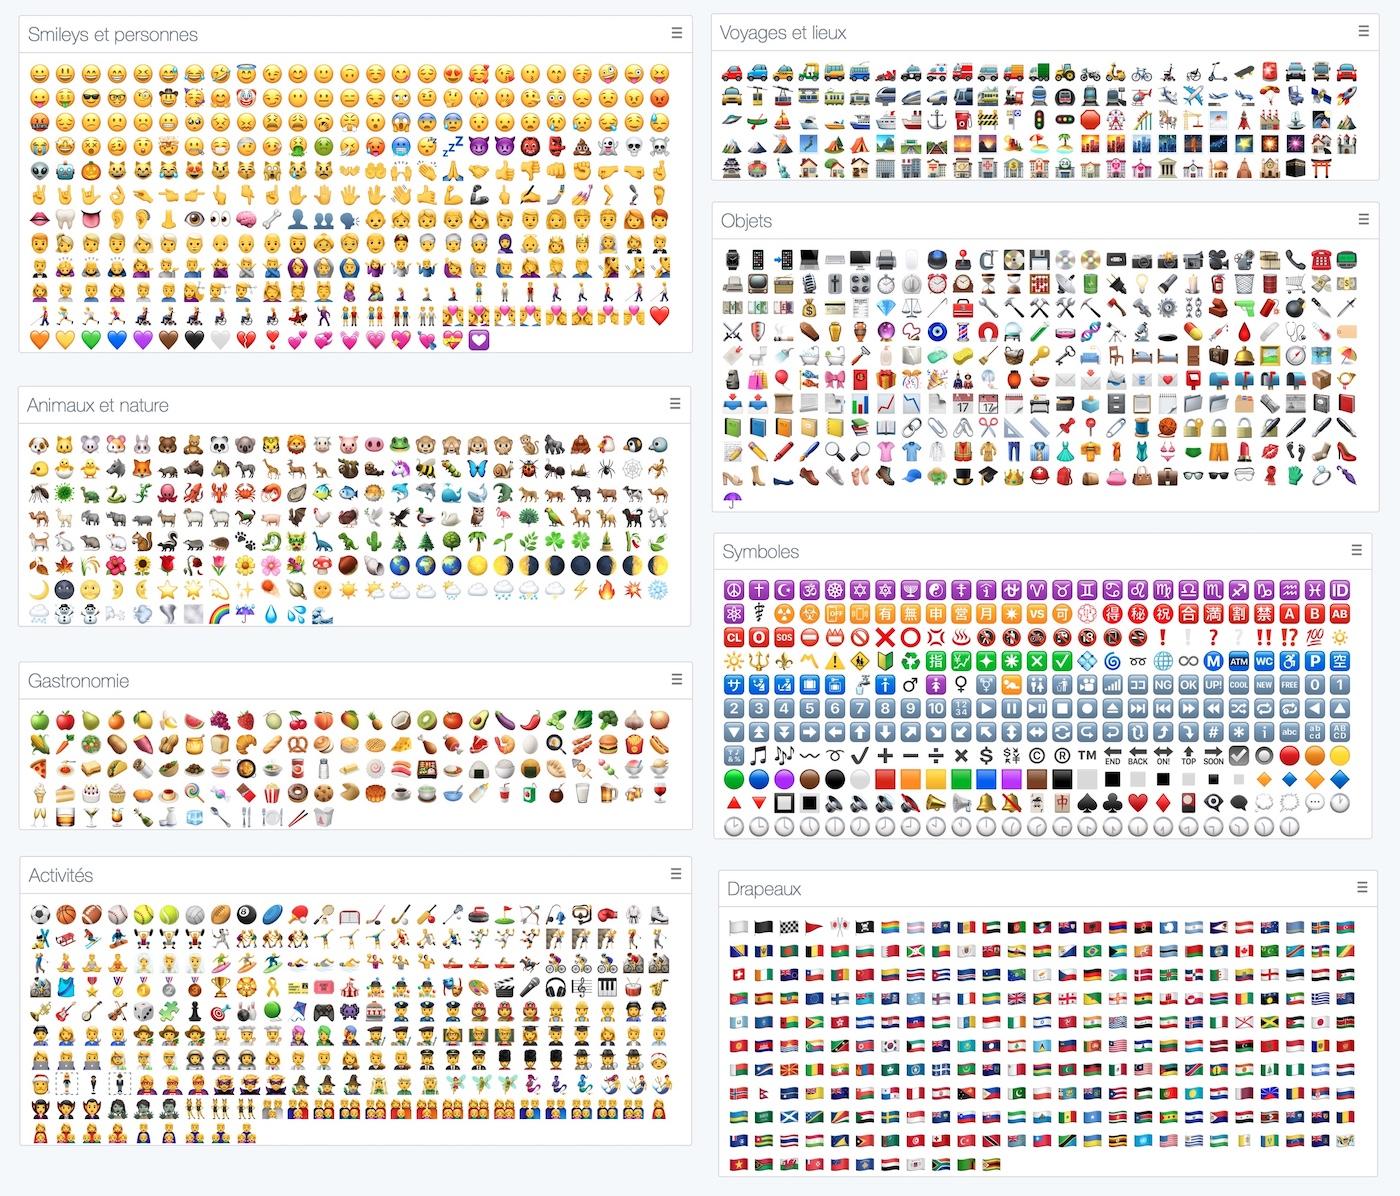 liste complète de tous les emojis sur iphone